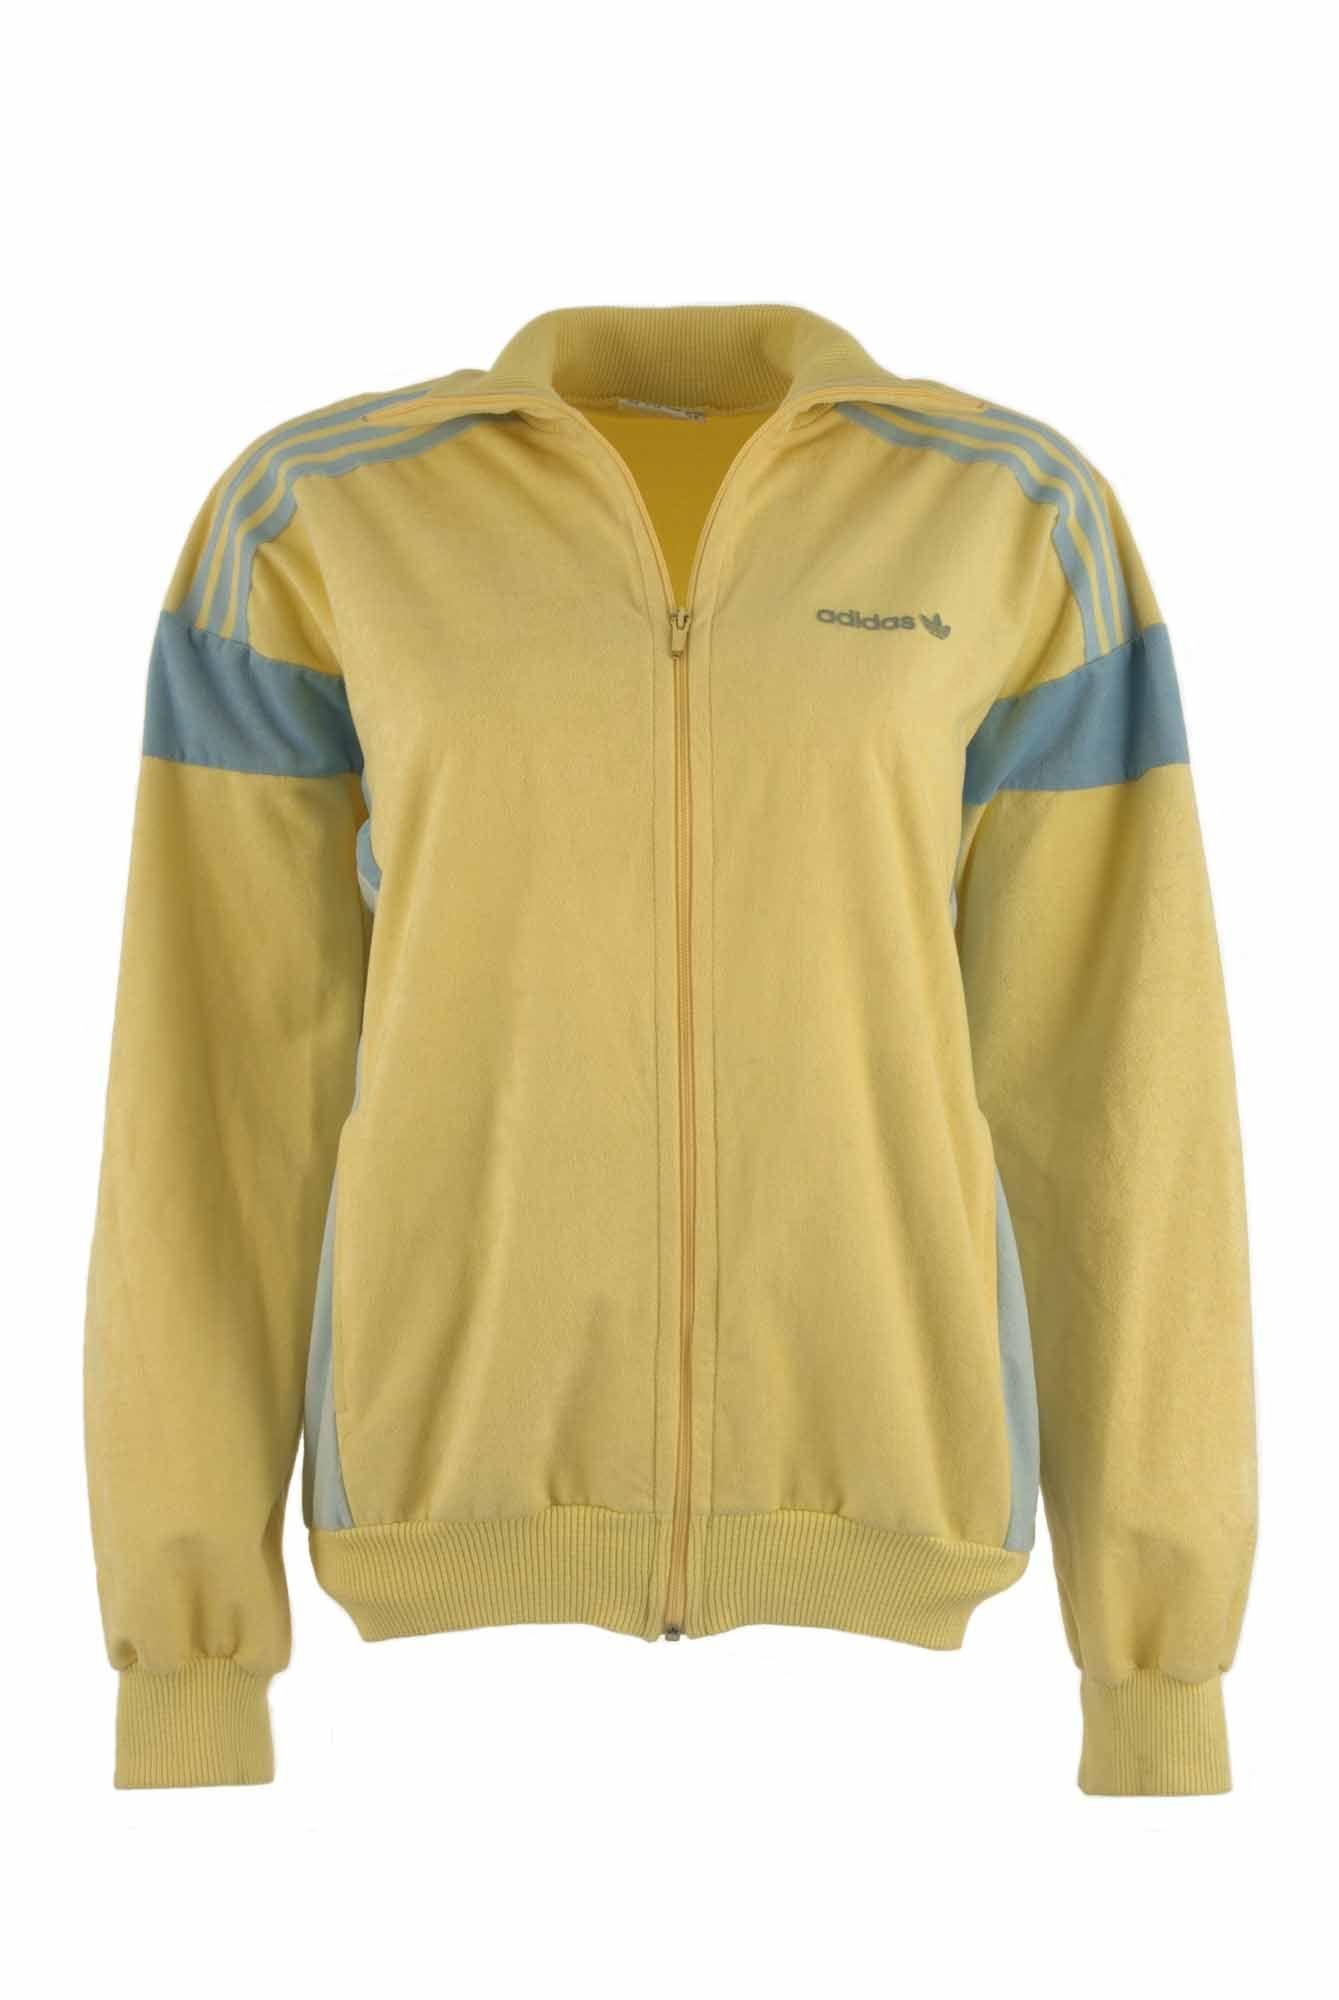 Be Adidas Chez Bop Pêche Veste Sportswear De And Peau Lula 90's pqMSLVGUz